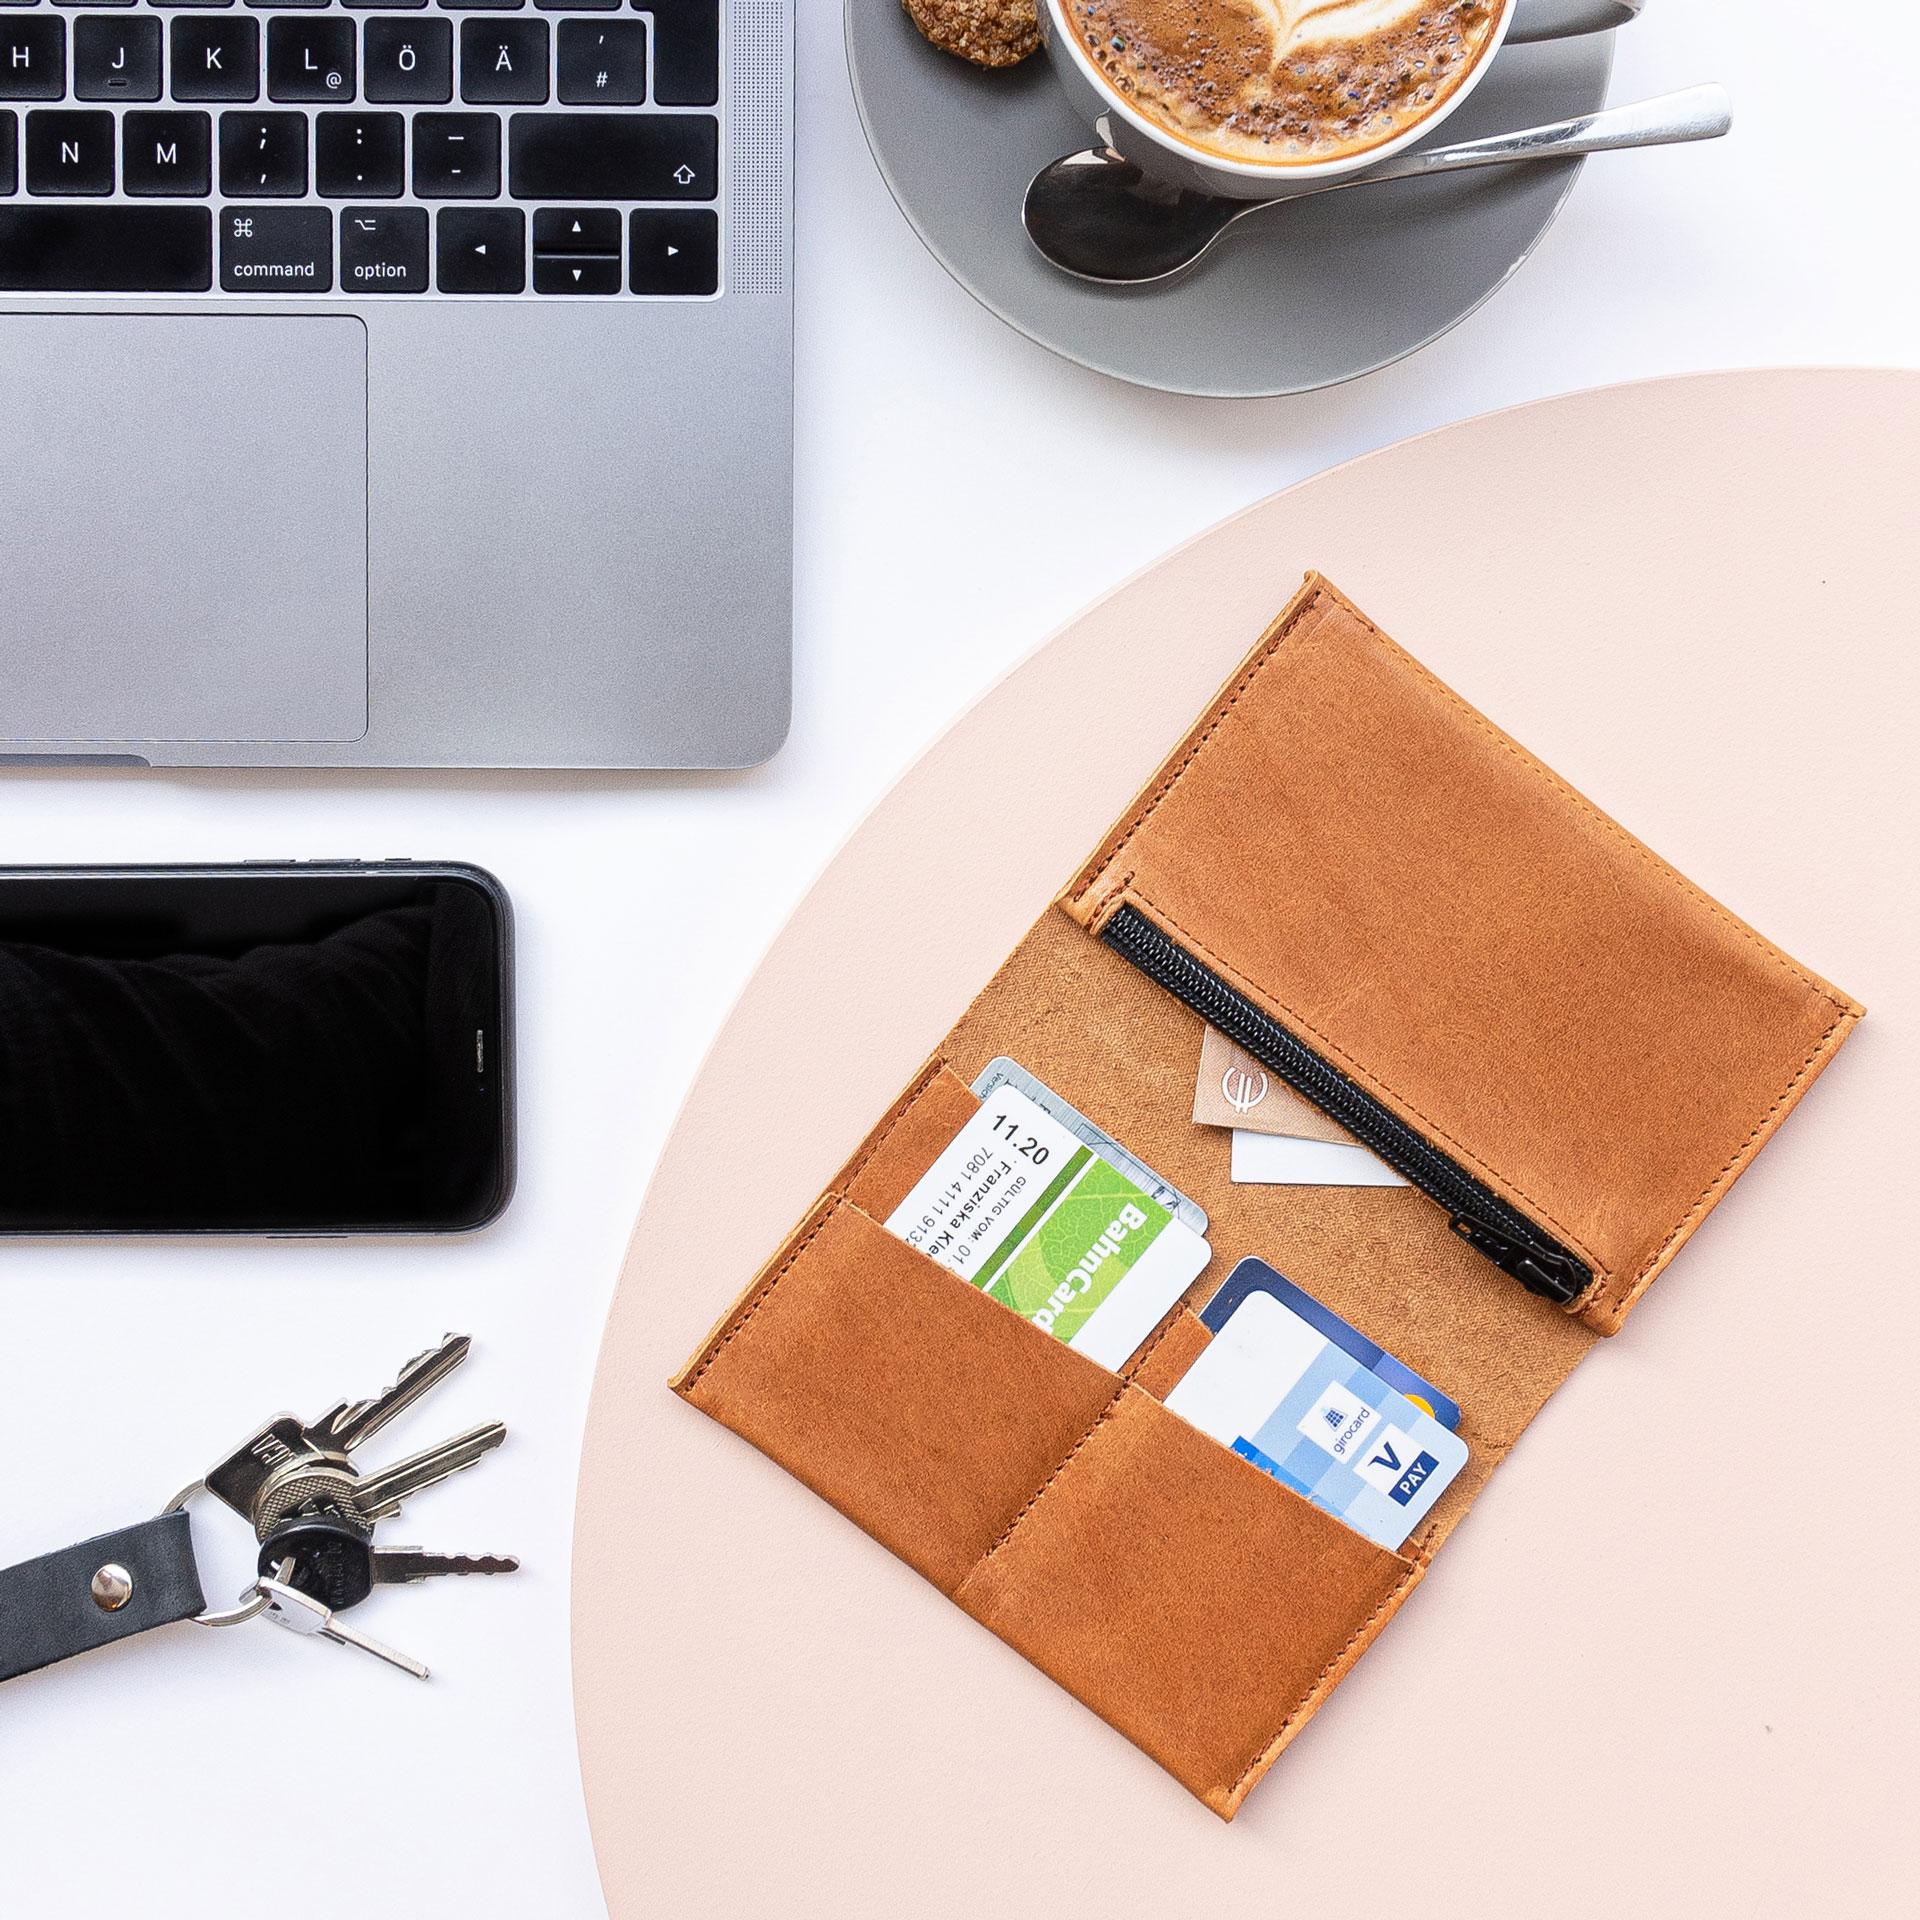 Brieftasche OLI Large von innen mit Karten und Geldscheinen im Größenvergleich mit Laptop, Kaffeetasse, Handy und Schlüsselbund